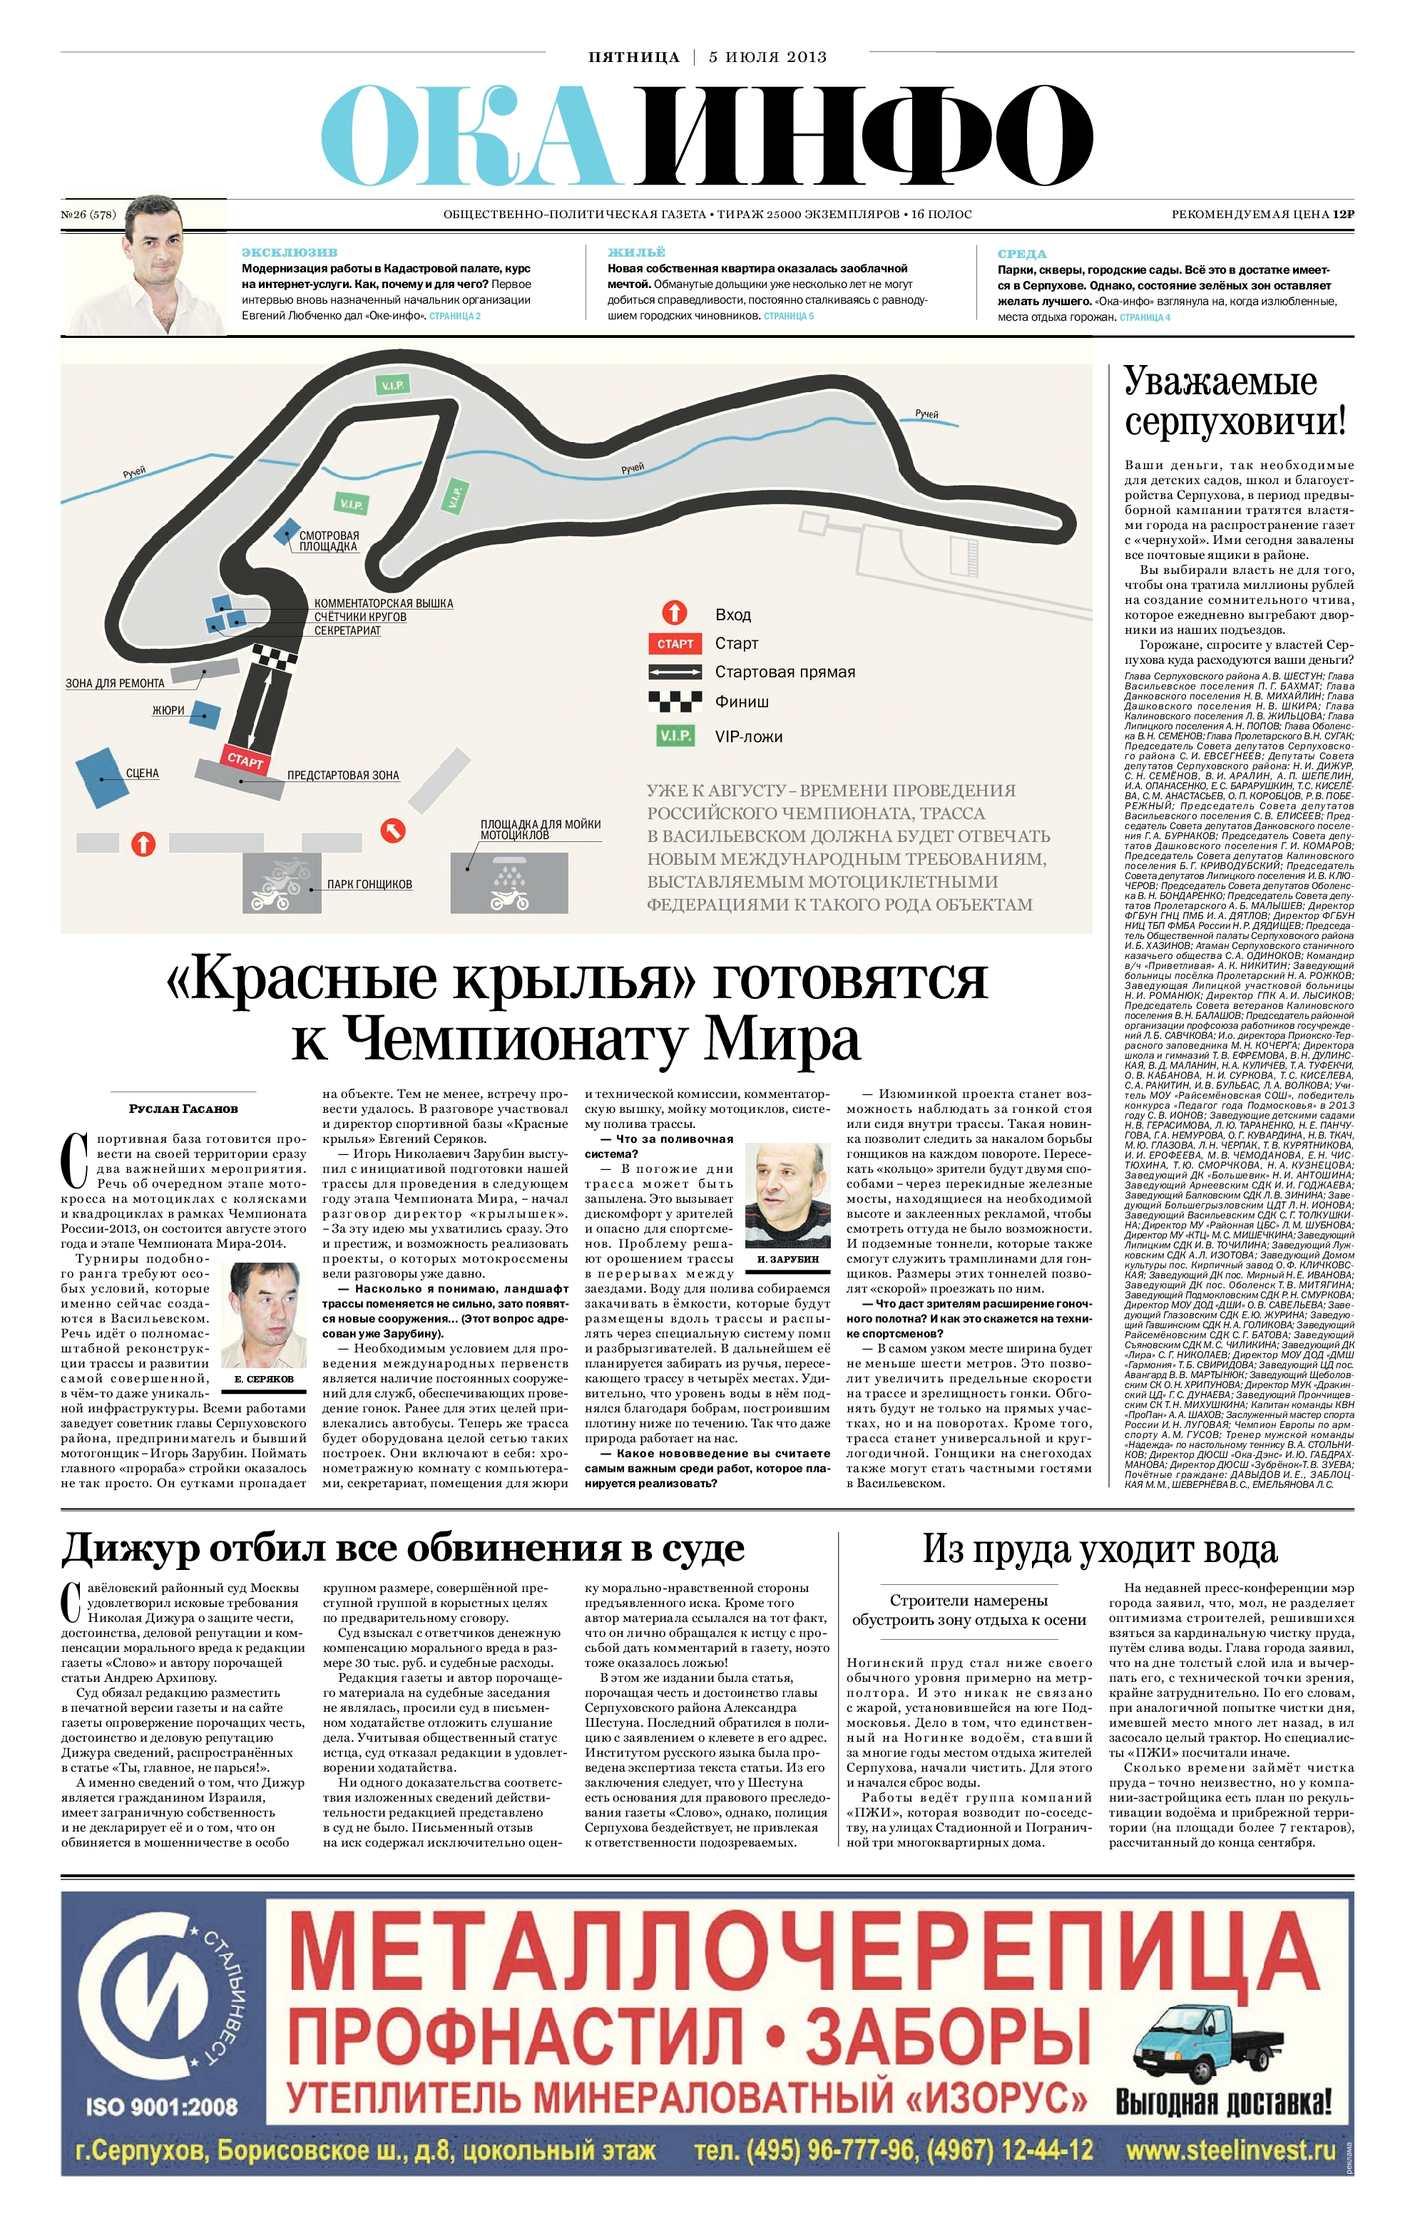 Авторадио заказать рекламу кострома 600 руб за 30 сек цены как в интернете реклама